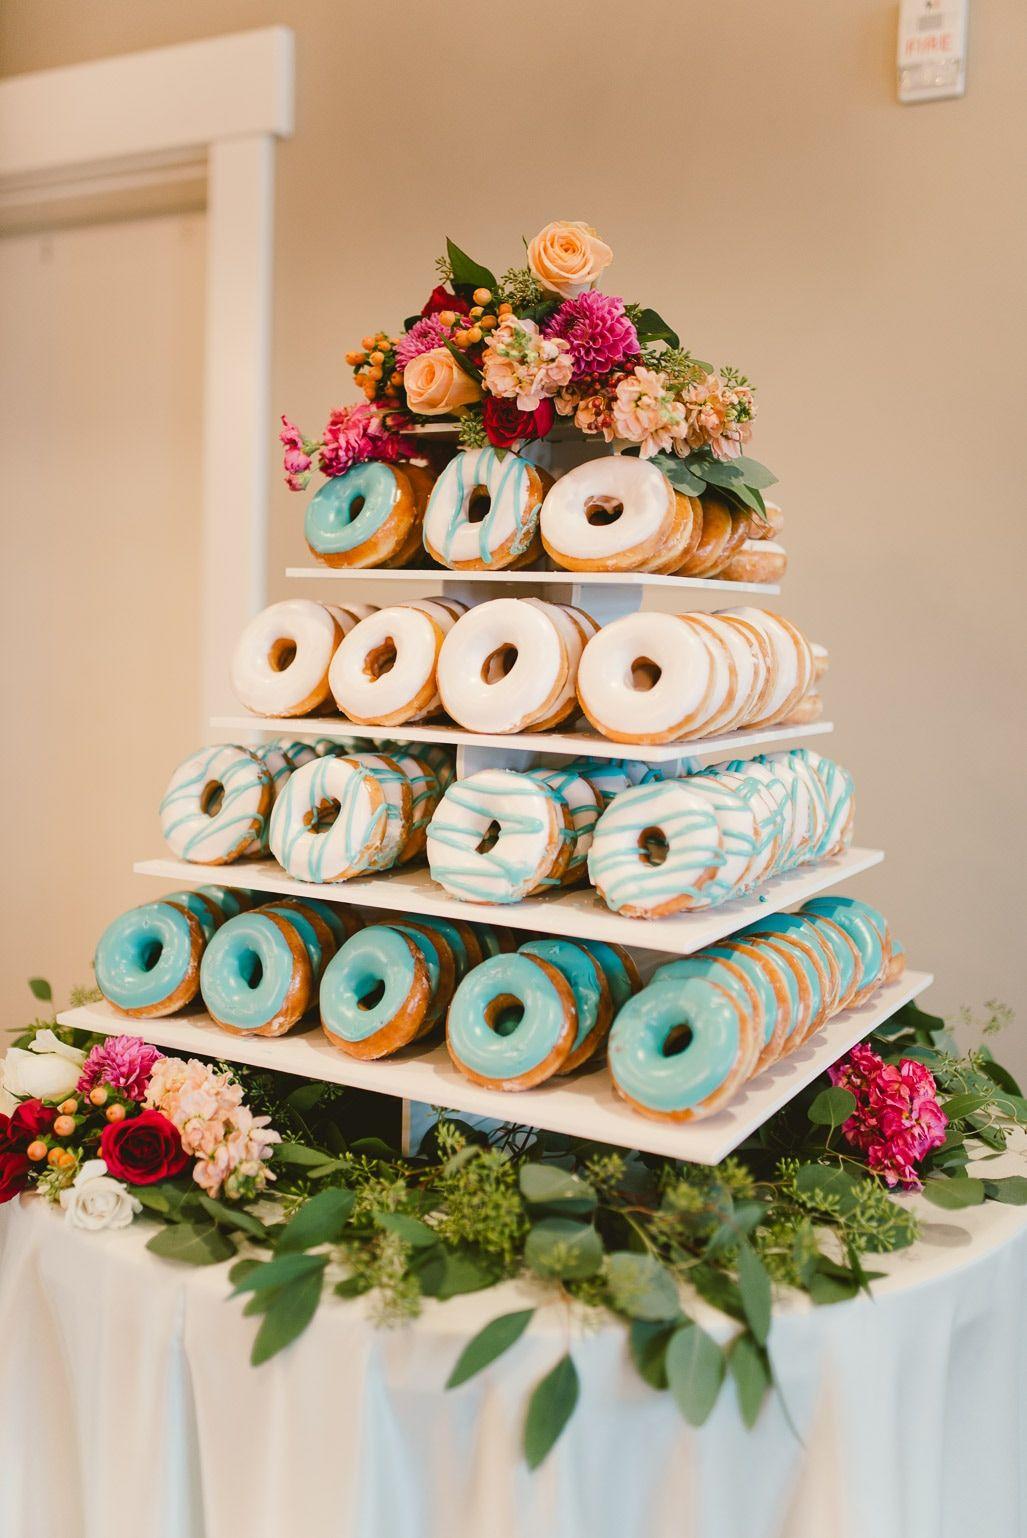 Gallery Sleepy Ridge Weddings Utah Wedding Venues Wedding